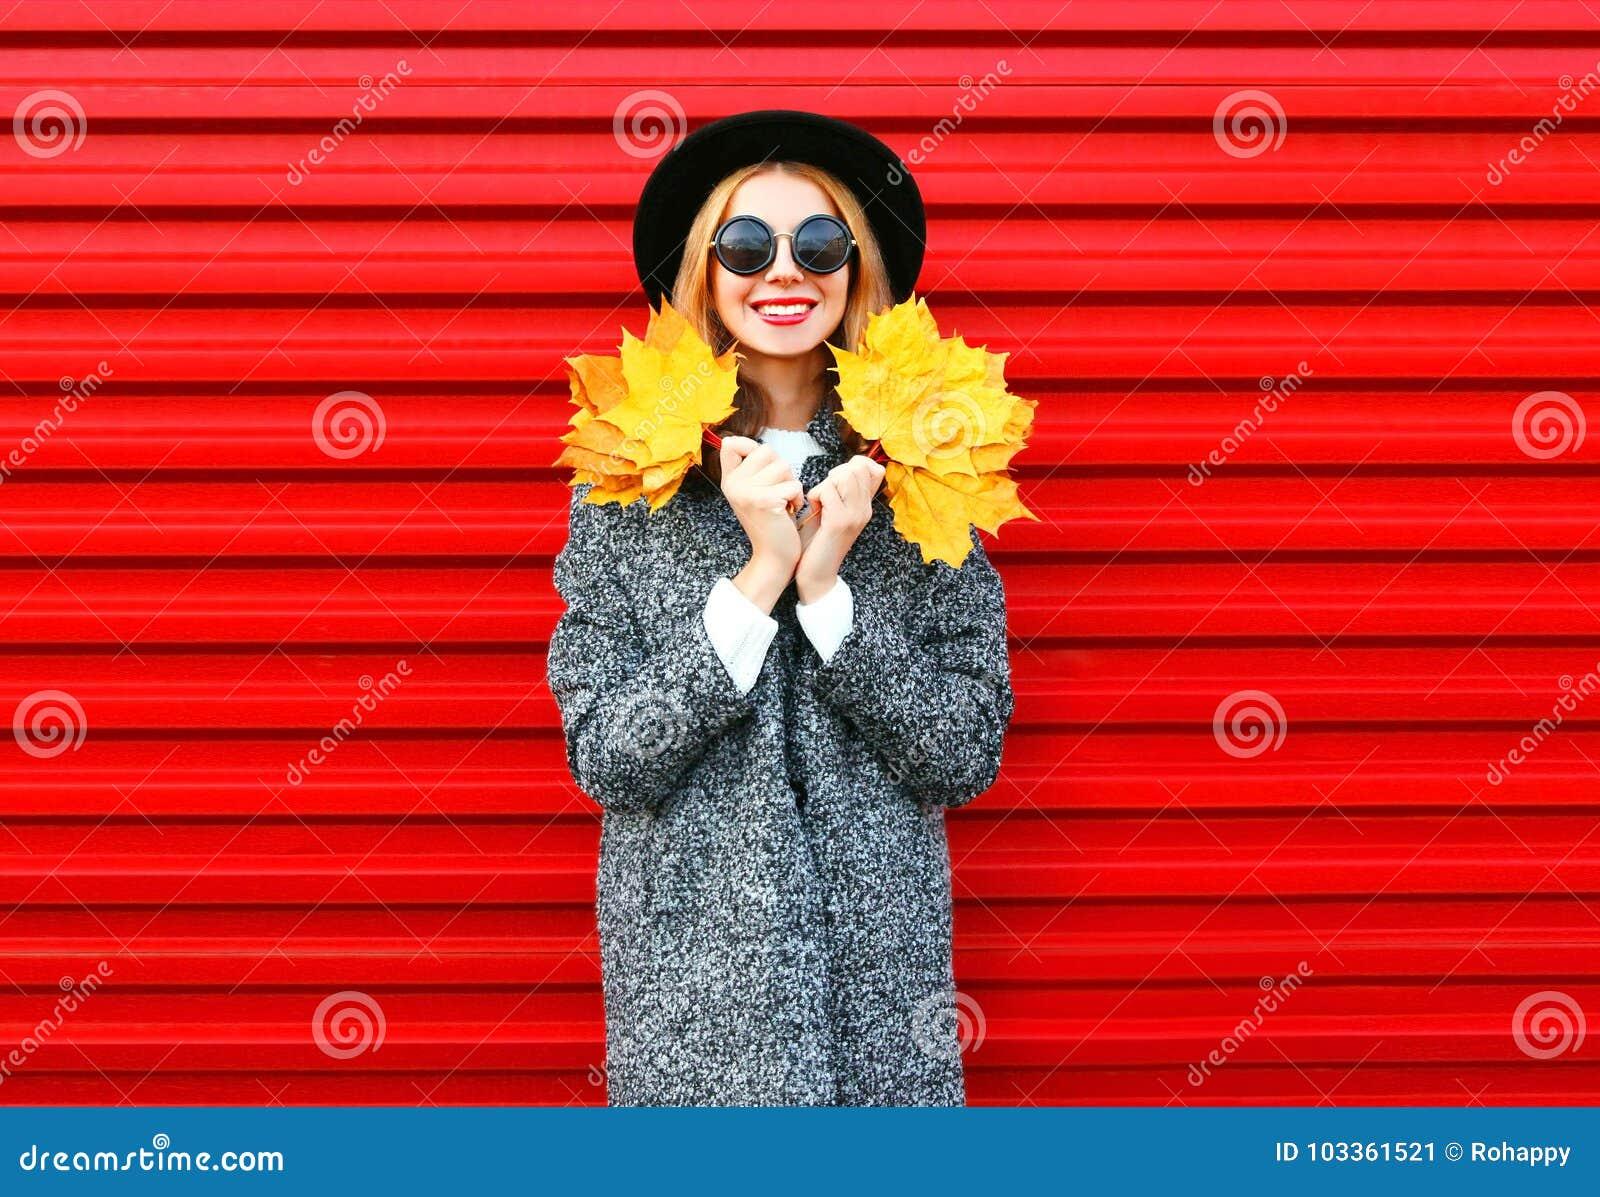 Houdt de gelukkige glimlachende vrouw van de manierherfst gele esdoornbladeren